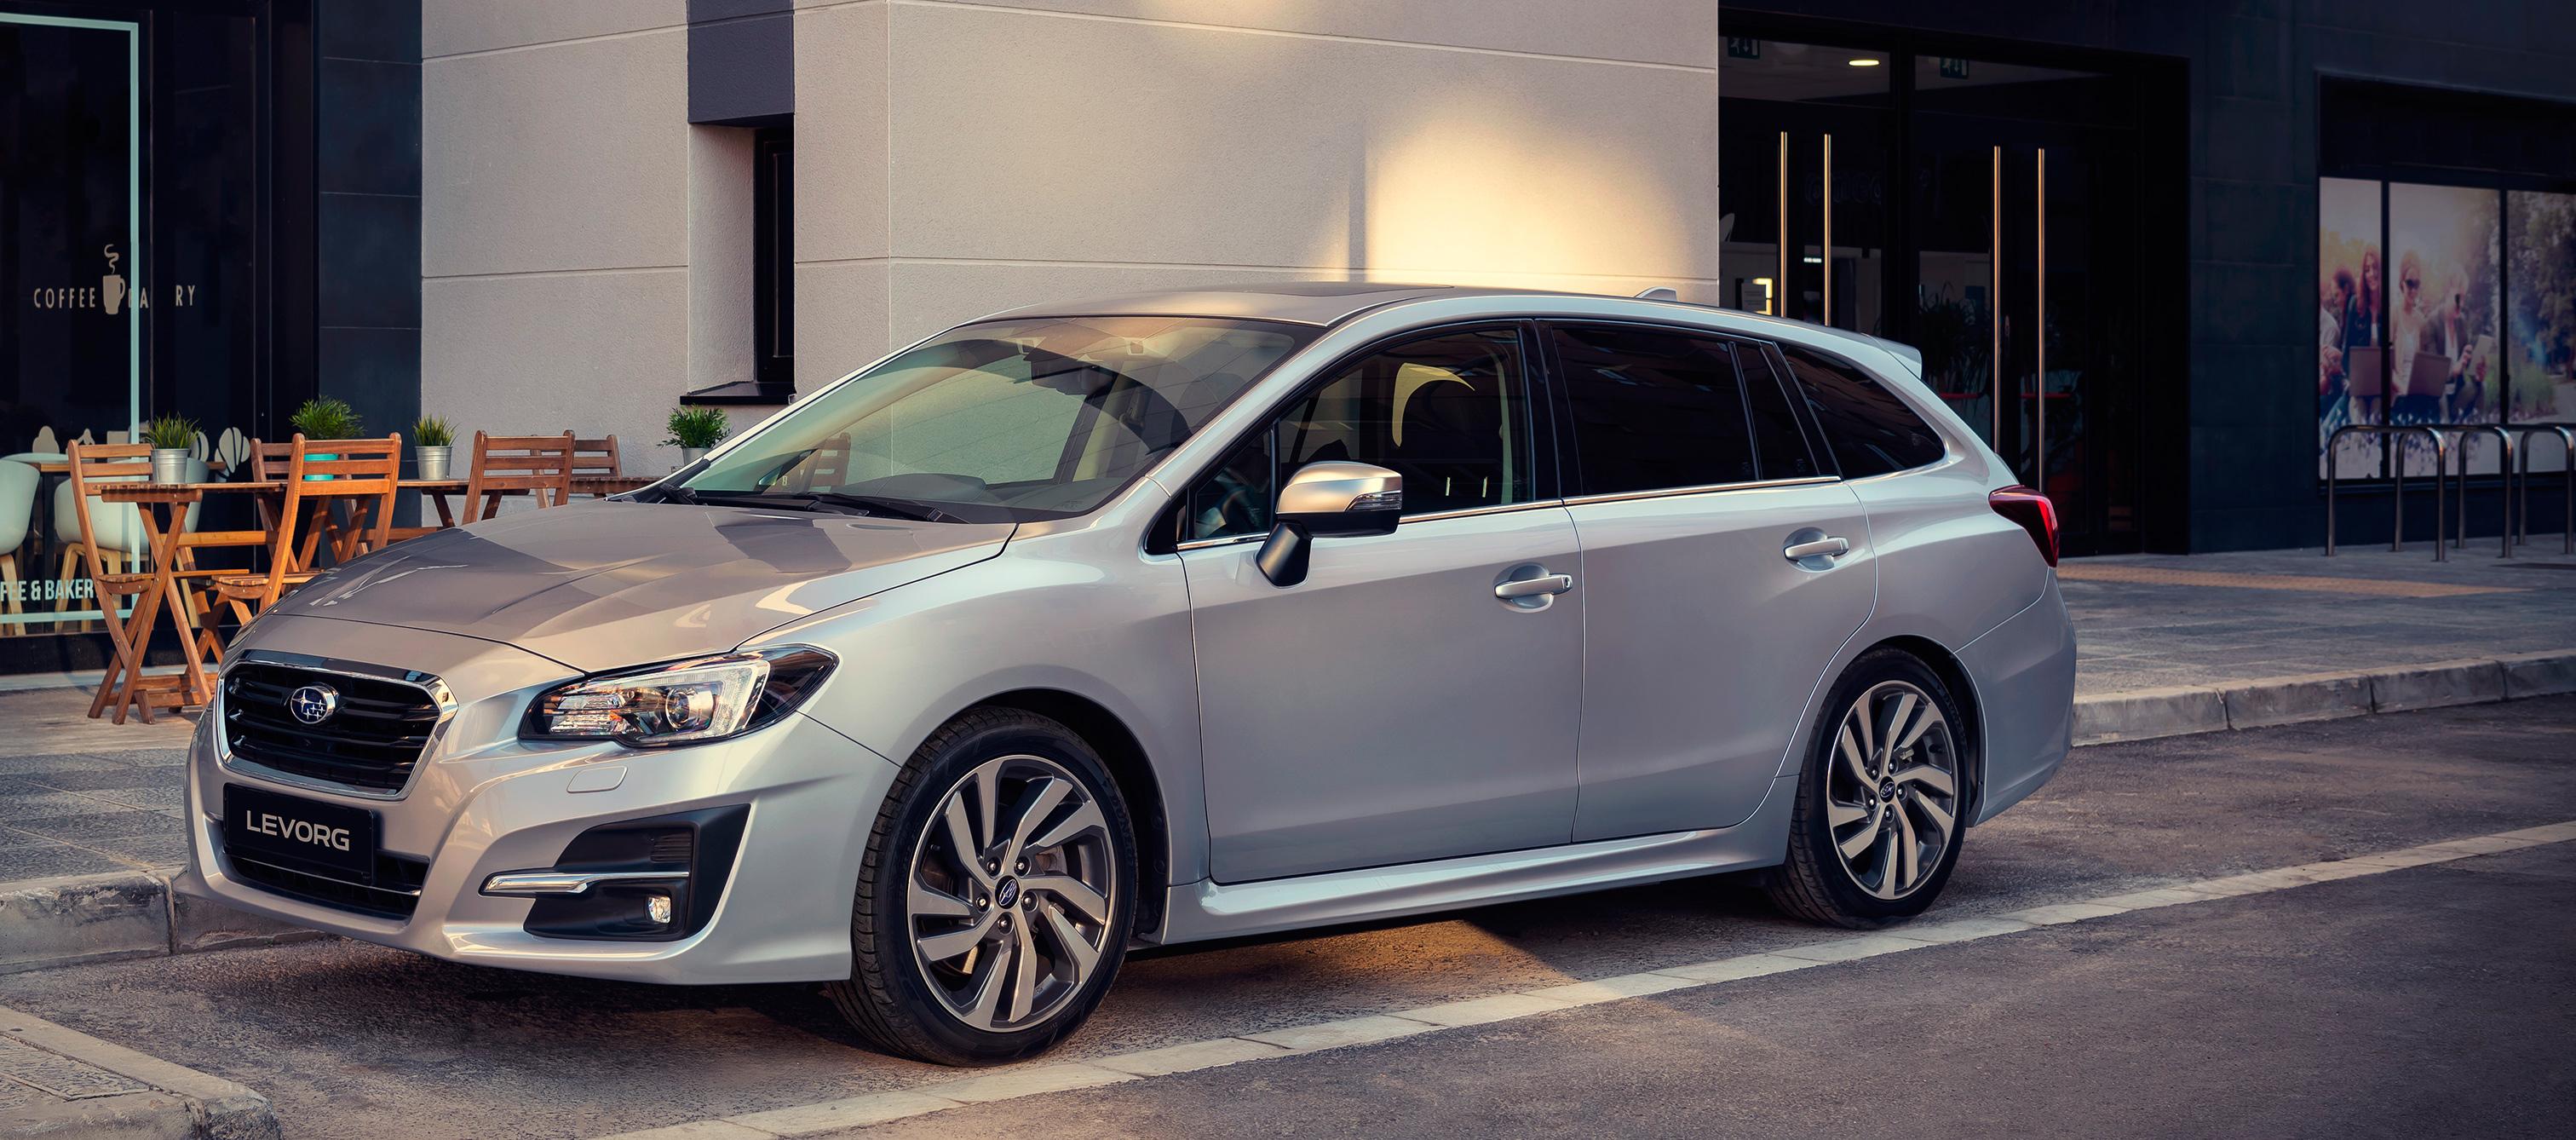 Subaru Levorg 2019 un tourer deportivo, seguro y diferente